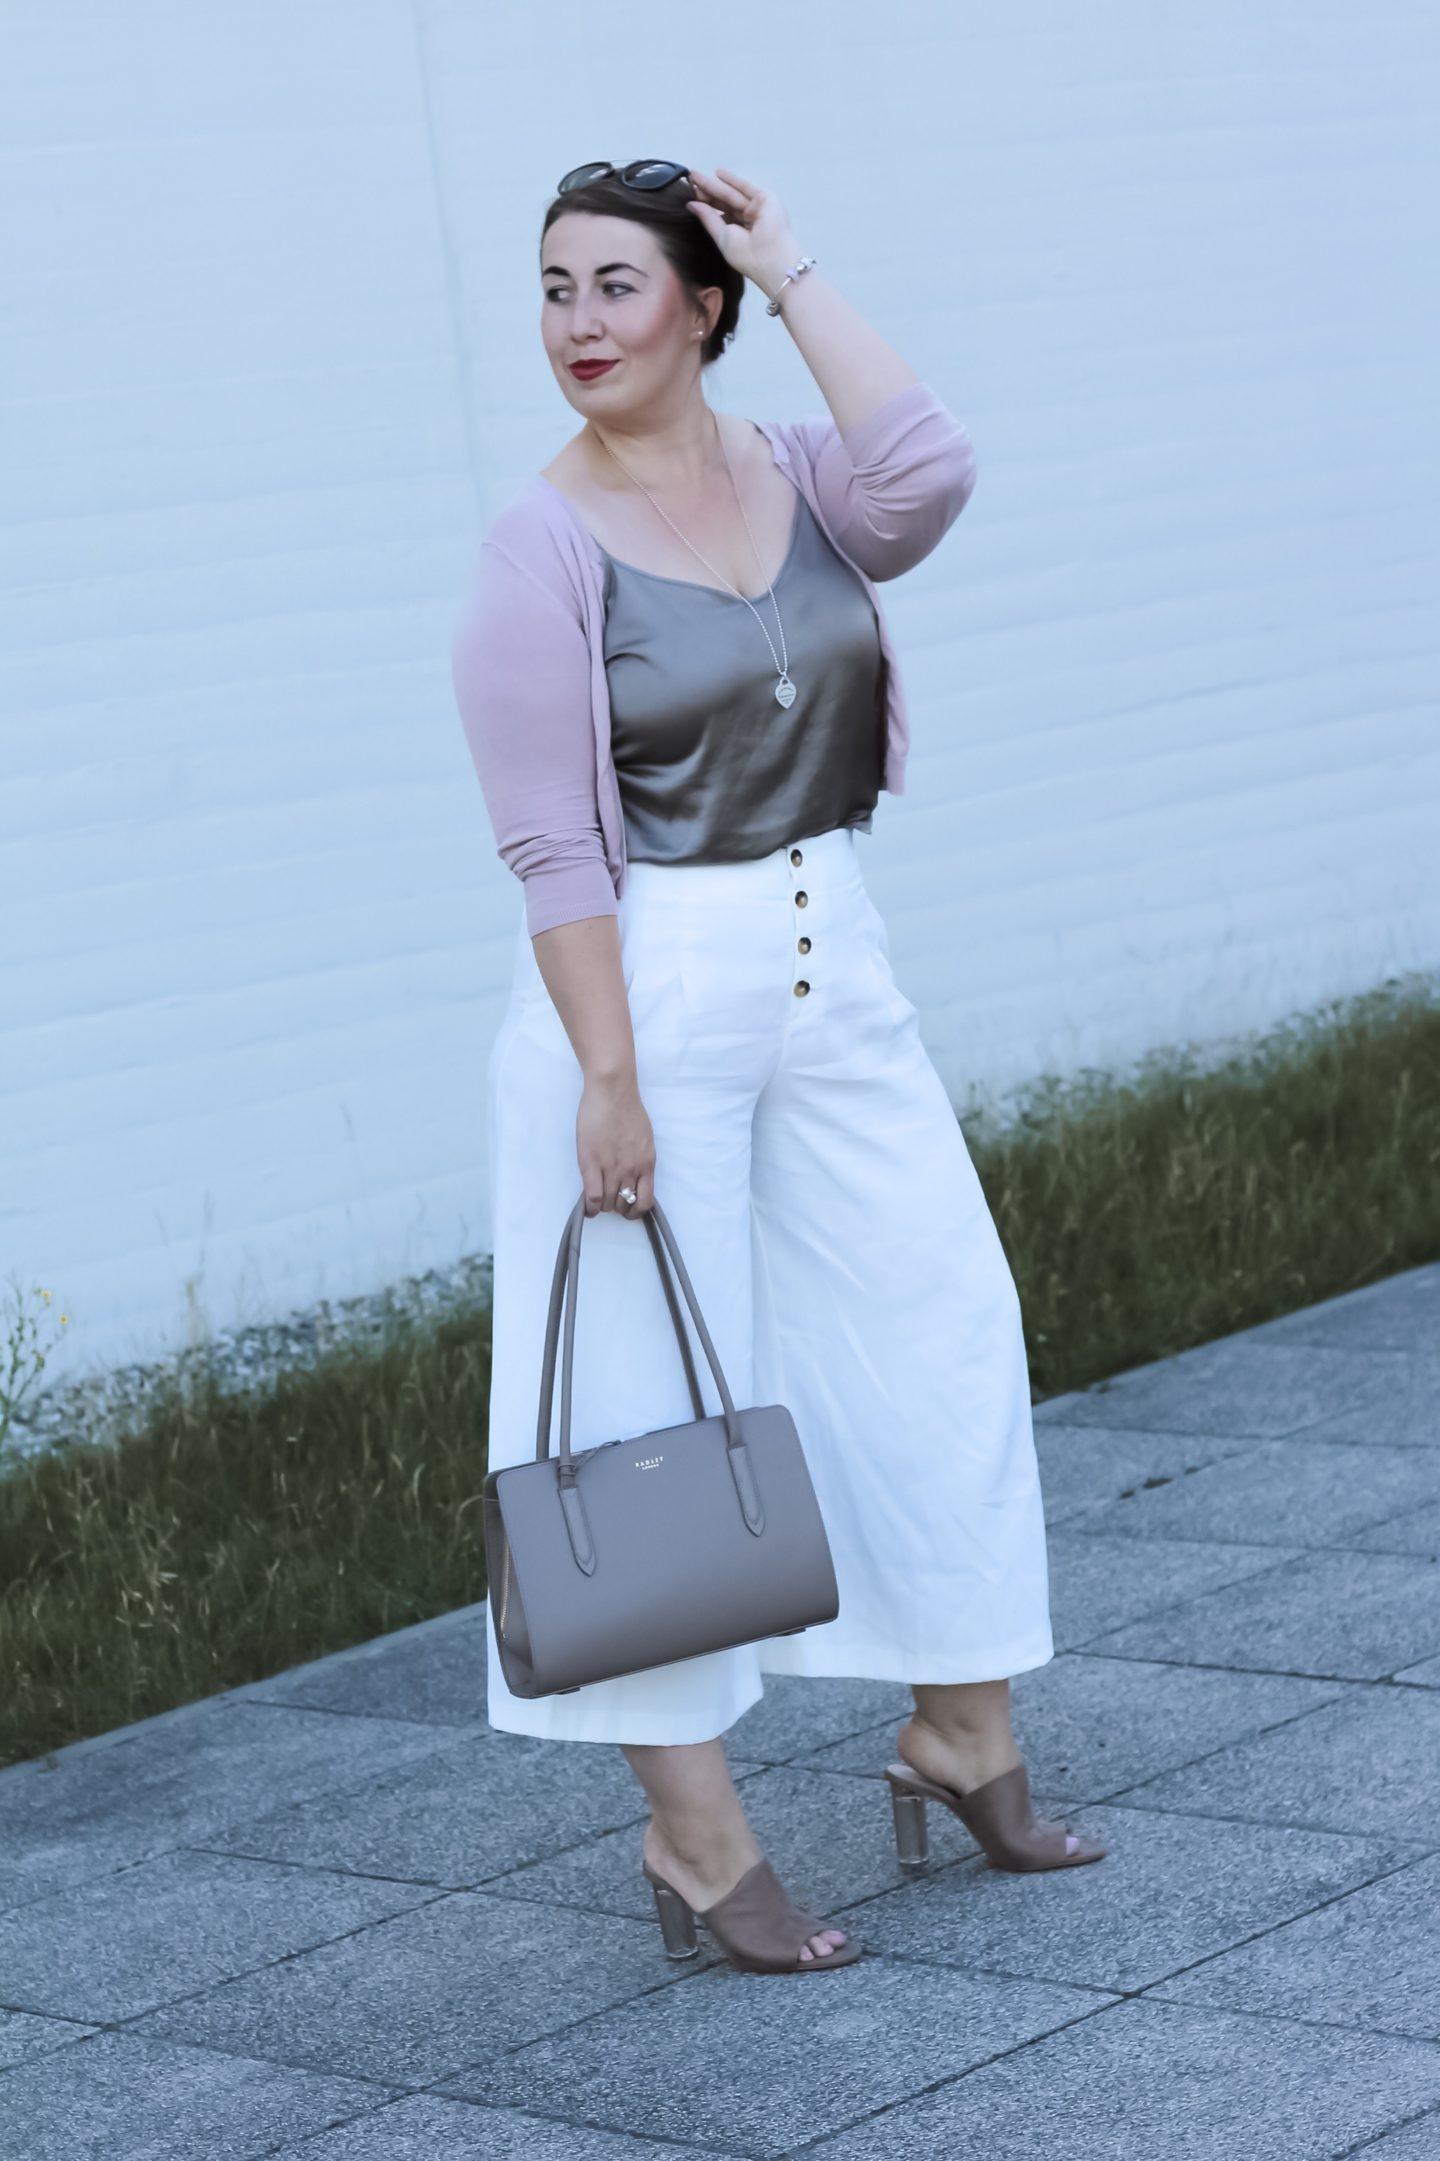 Miss-Suzie-Loves-Radley-London-Liverpool-Street-Tasche-weisse-Culotte-Curvyblogger-Susanne-Heidebach-Mink